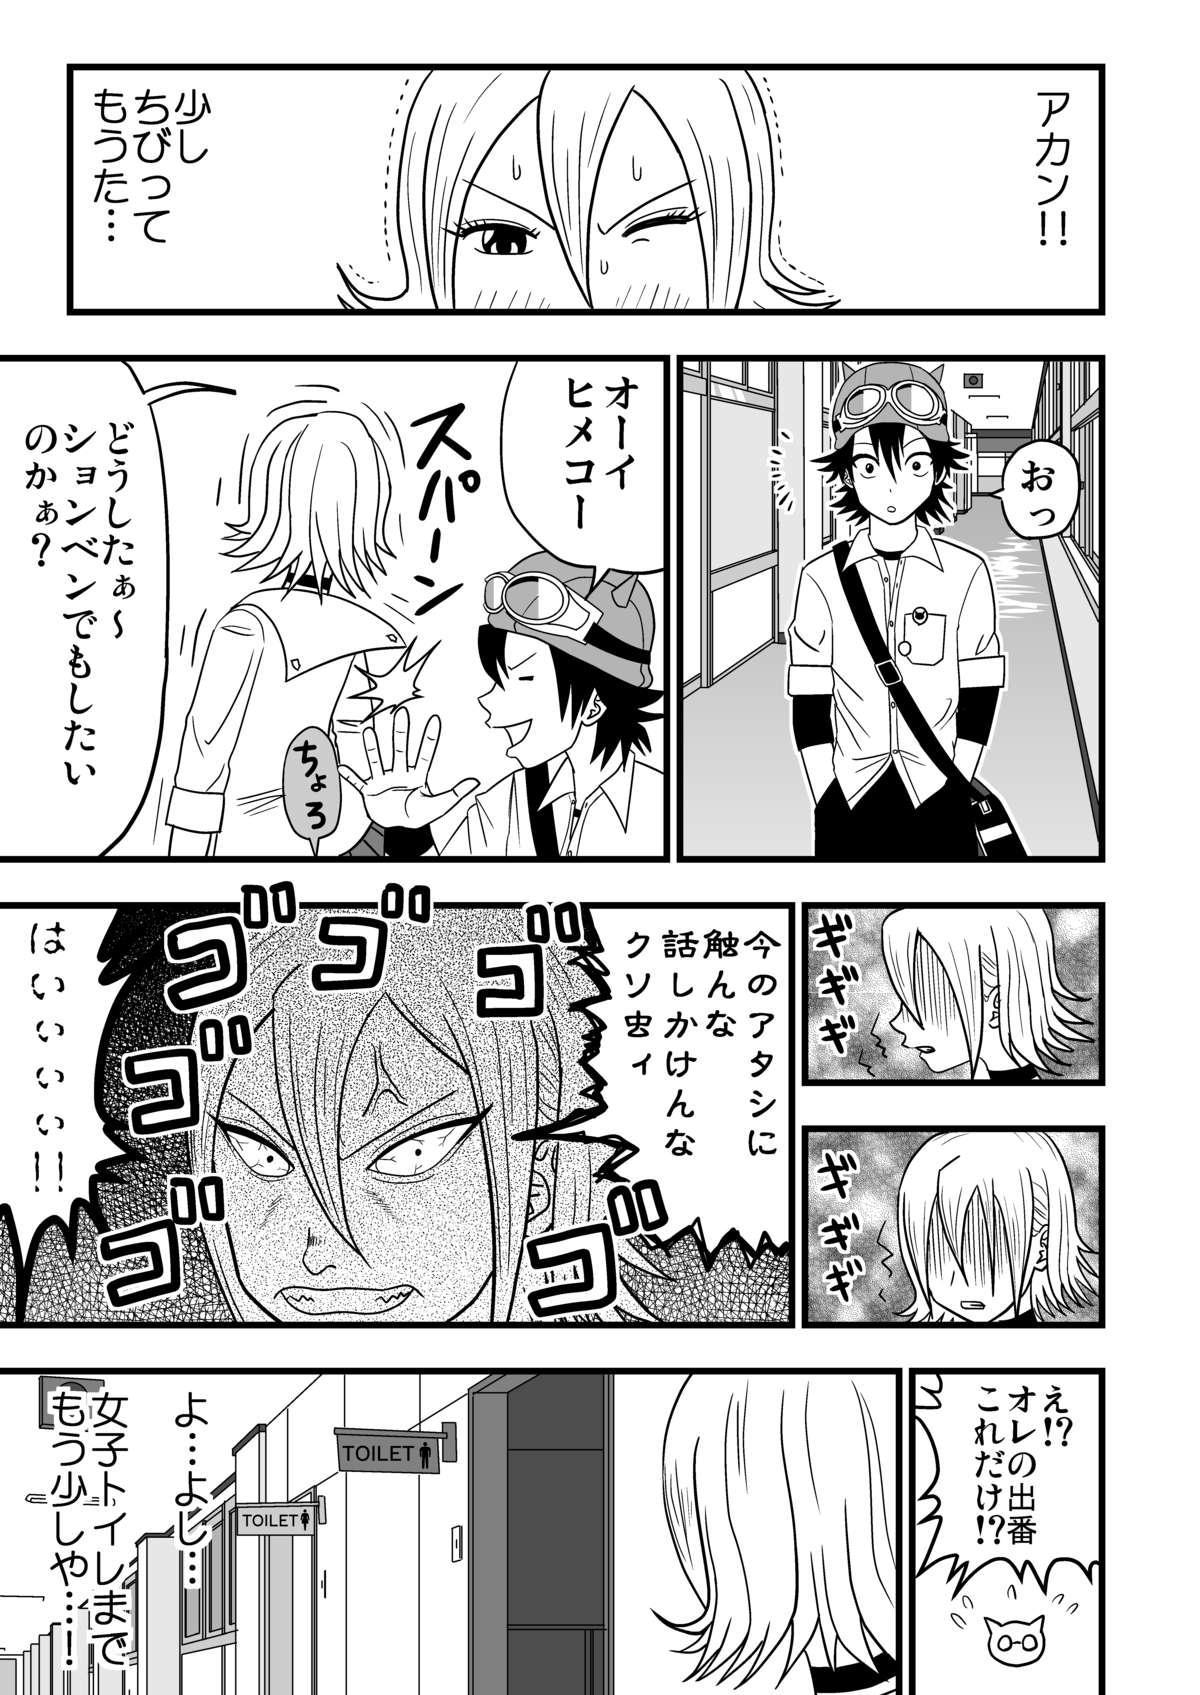 Himeko no nyou shikkin!! 5